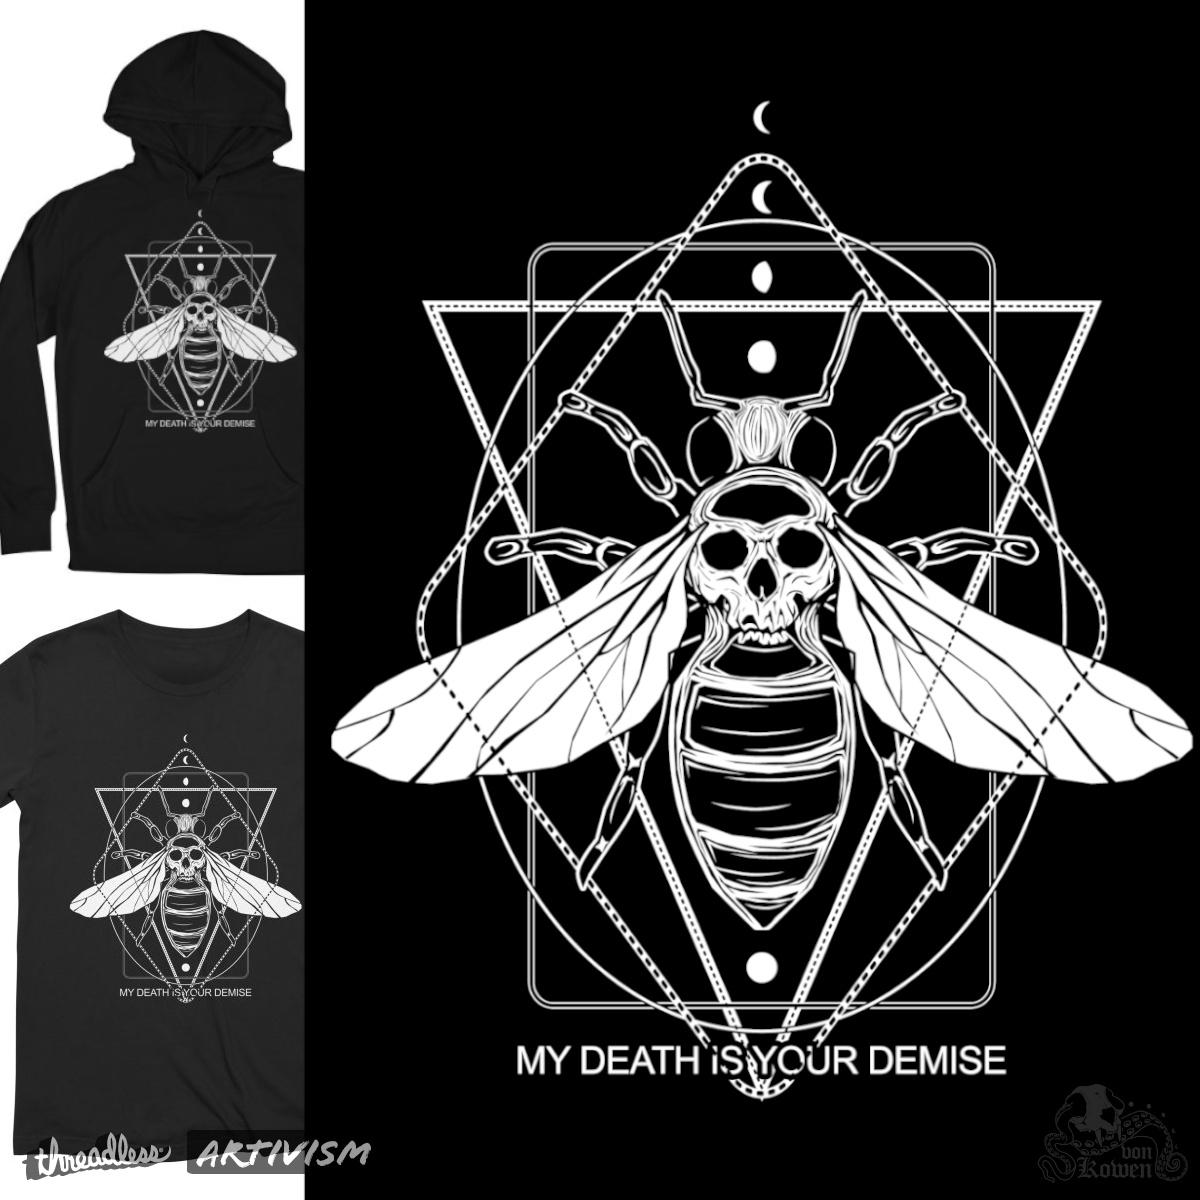 Killer bee, a cool t-shirt design